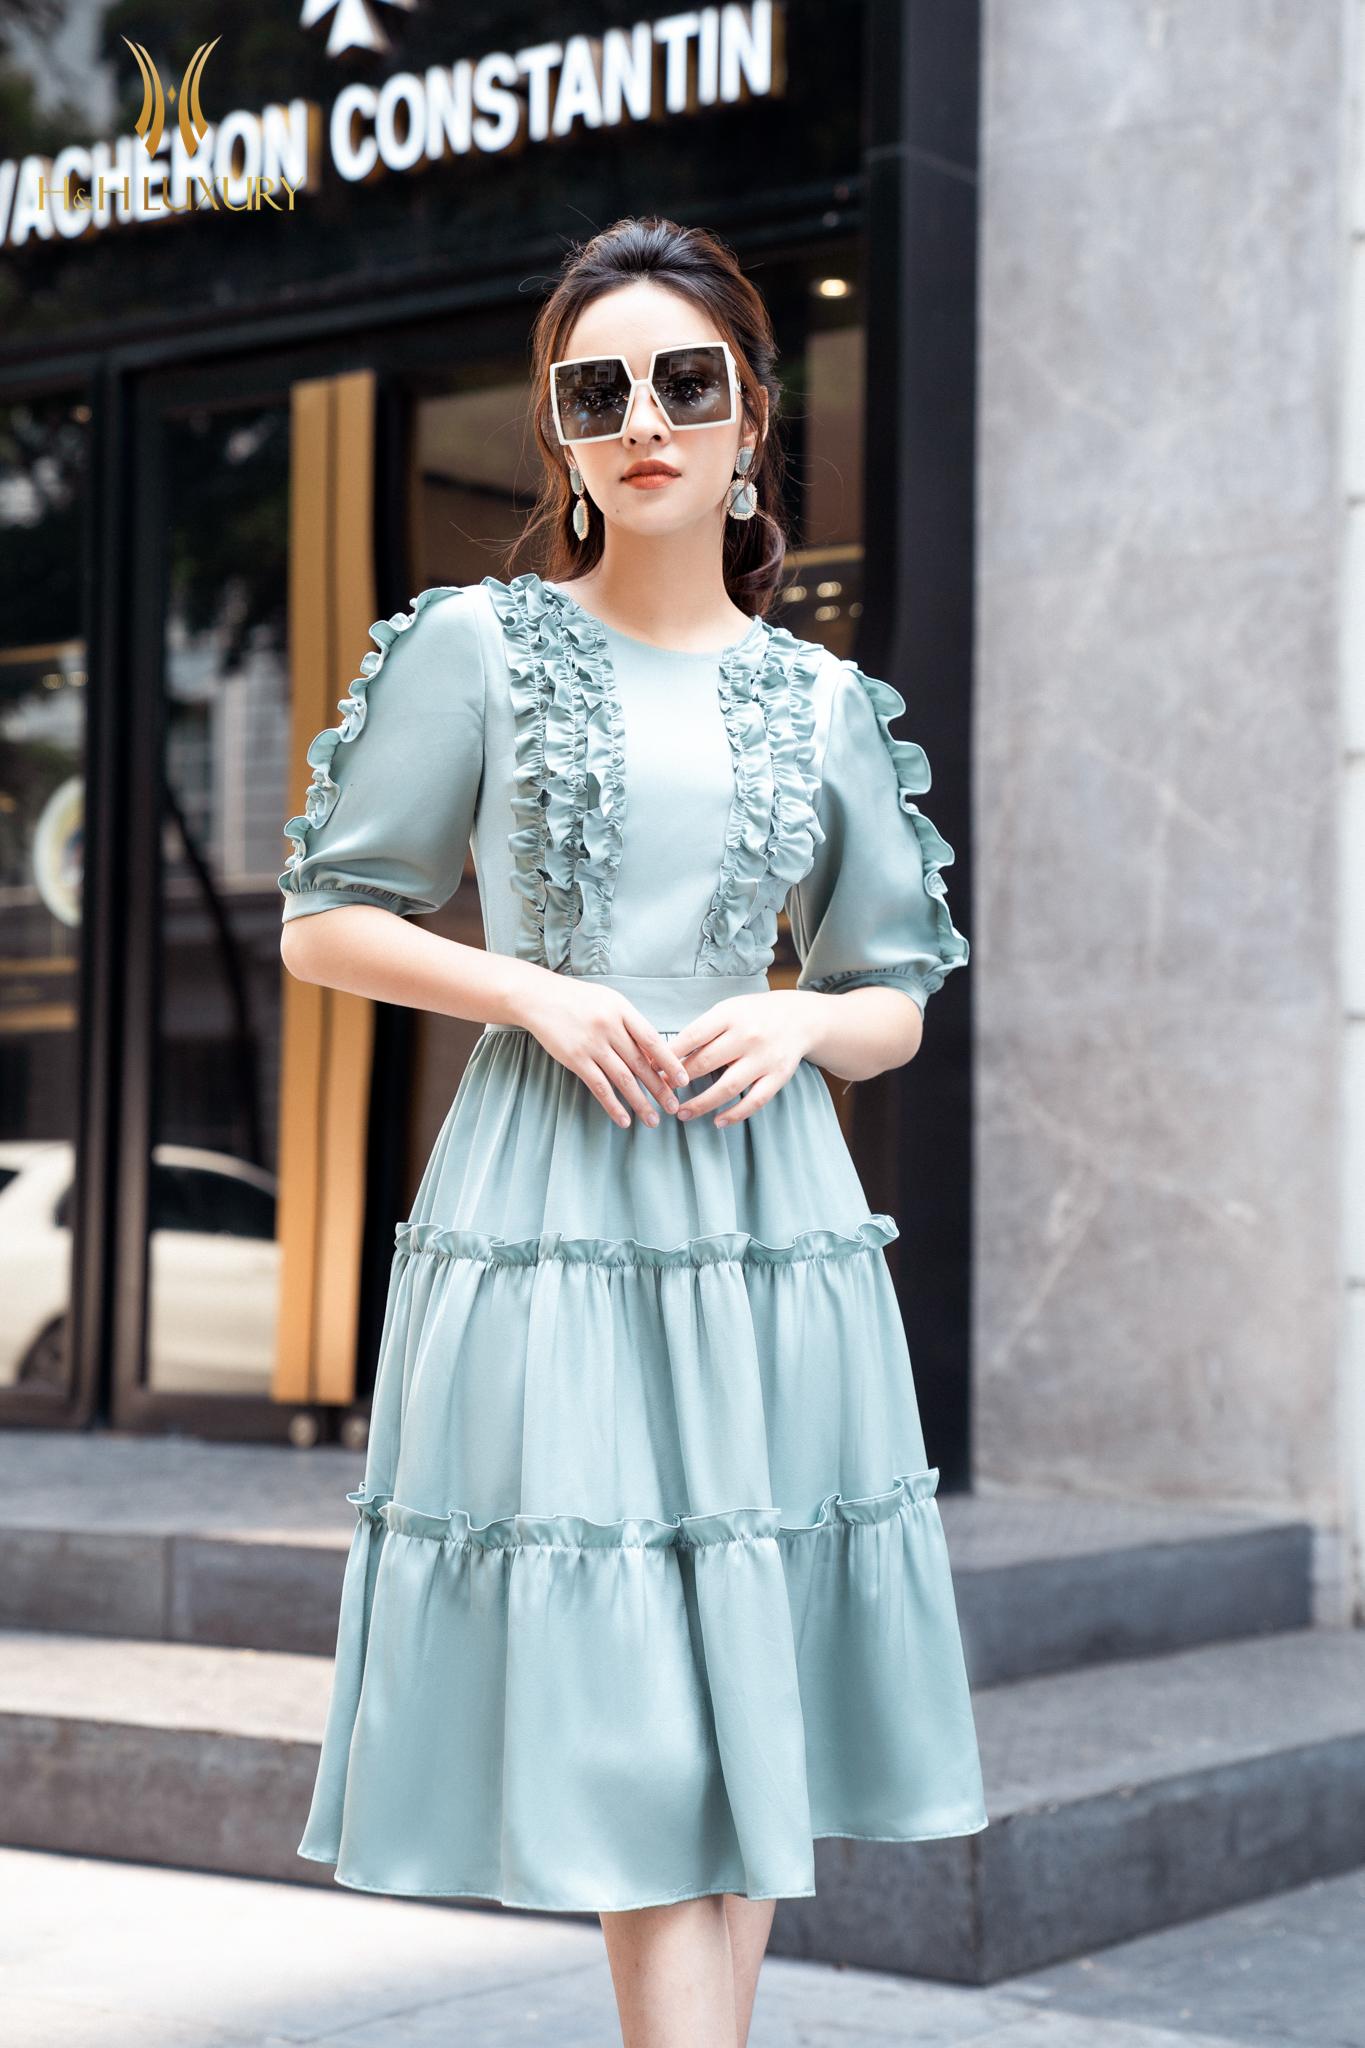 Đầm xòe xanh nhún 3 tầng